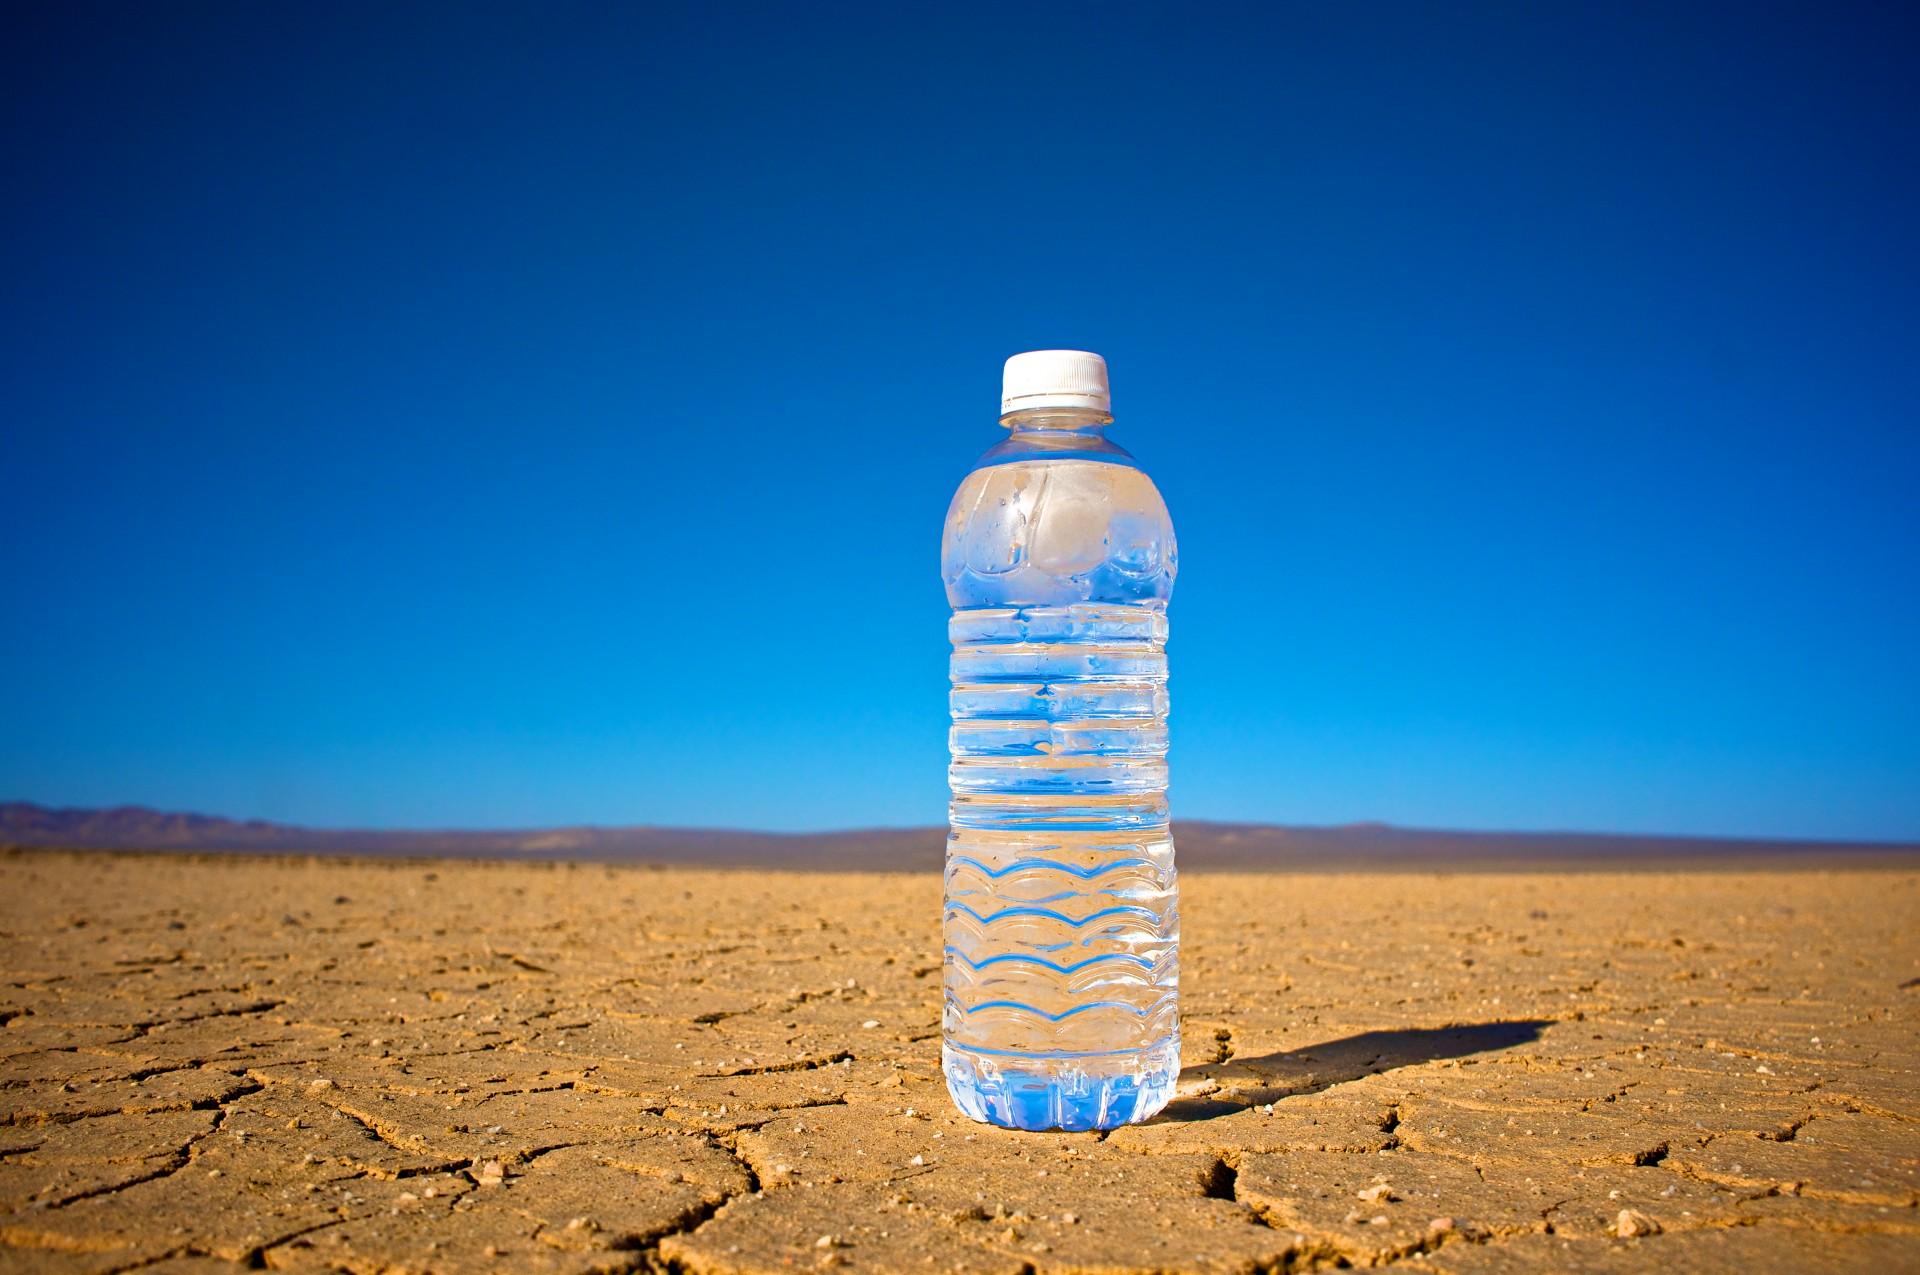 Вода в пустыне [(cc) Ken Kistler]